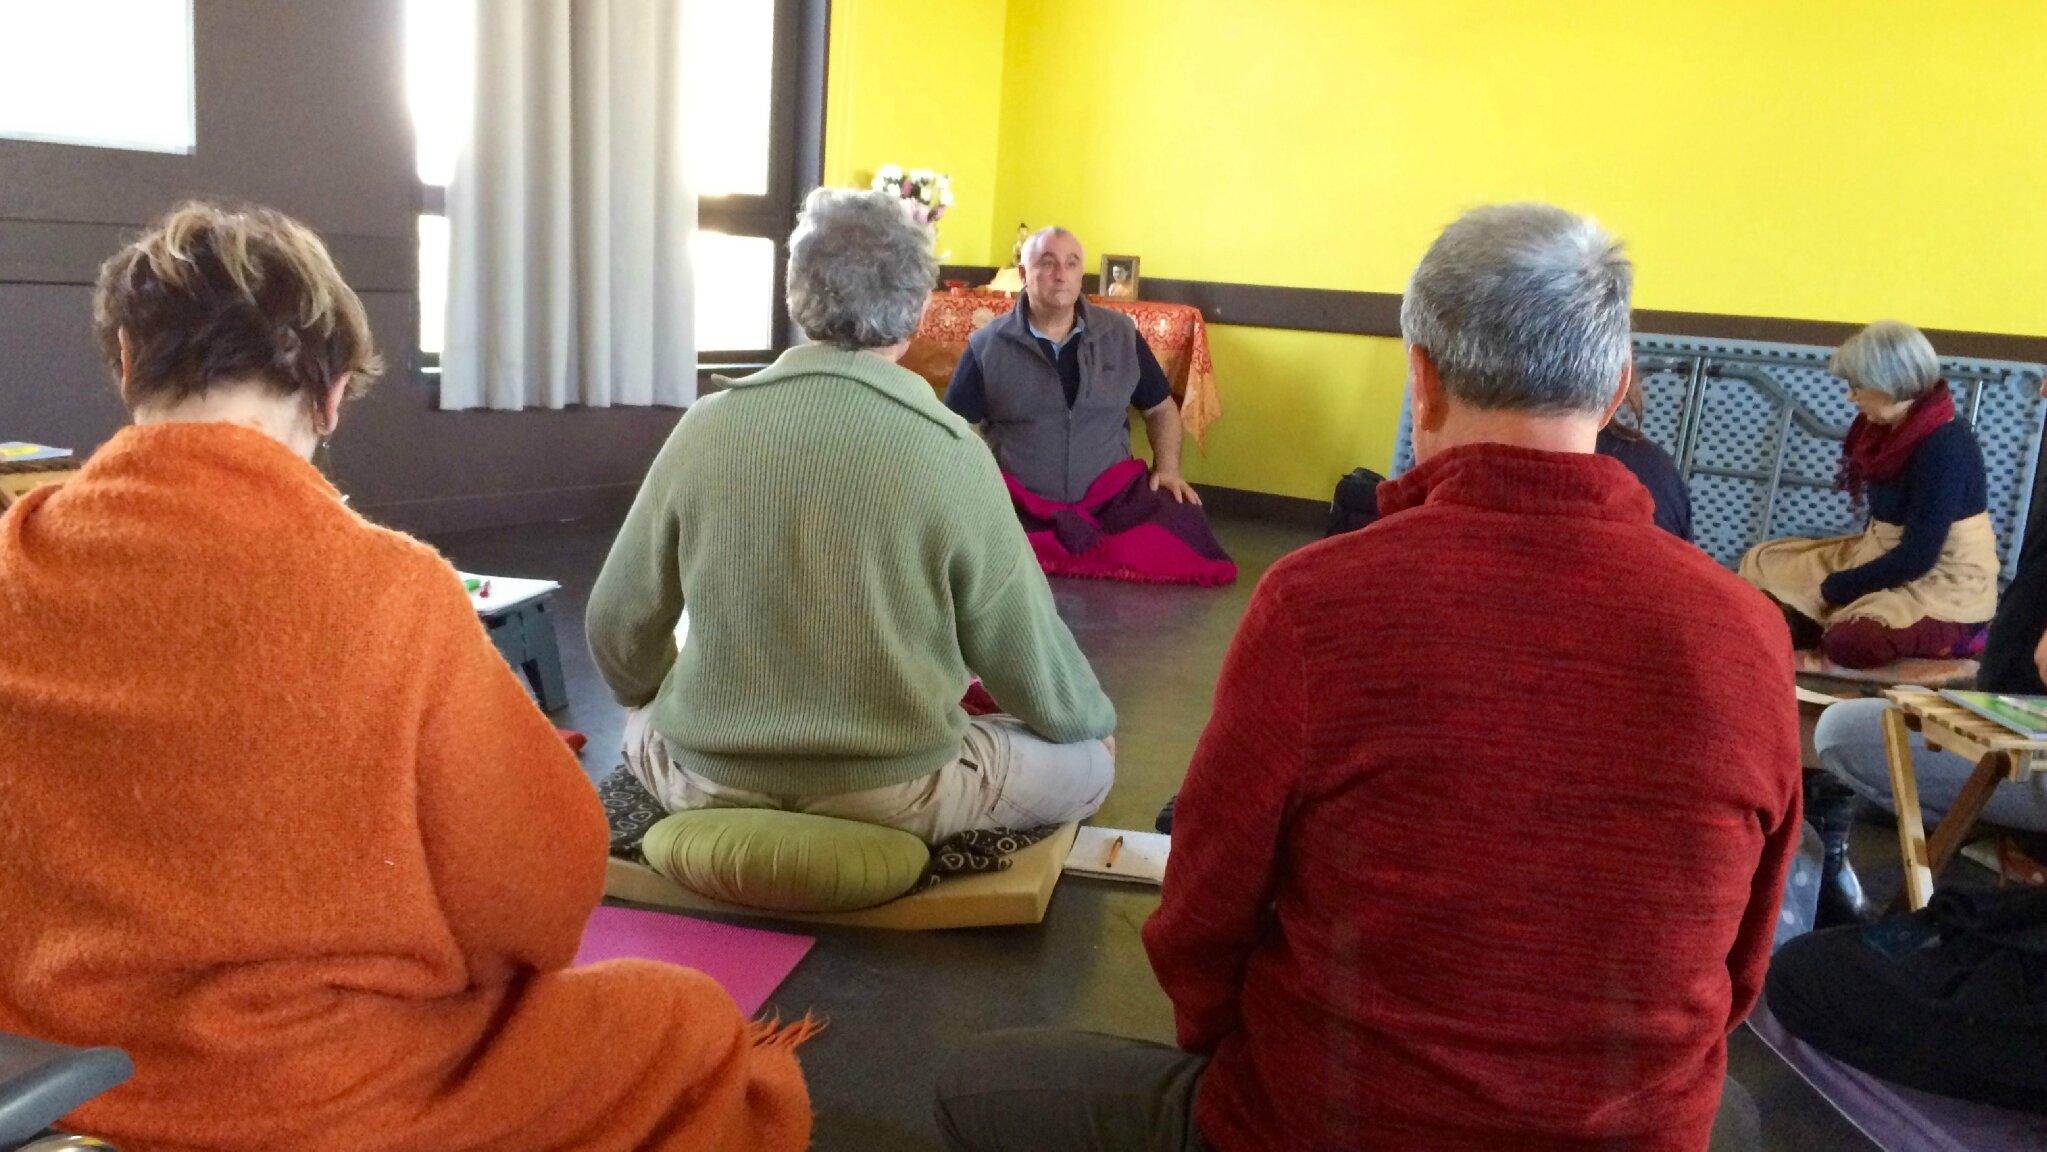 Atelier d'initiation à la méditation, guidé par Lama Nyima : le samedi 06/10/2018 de 10h30 à 12h00